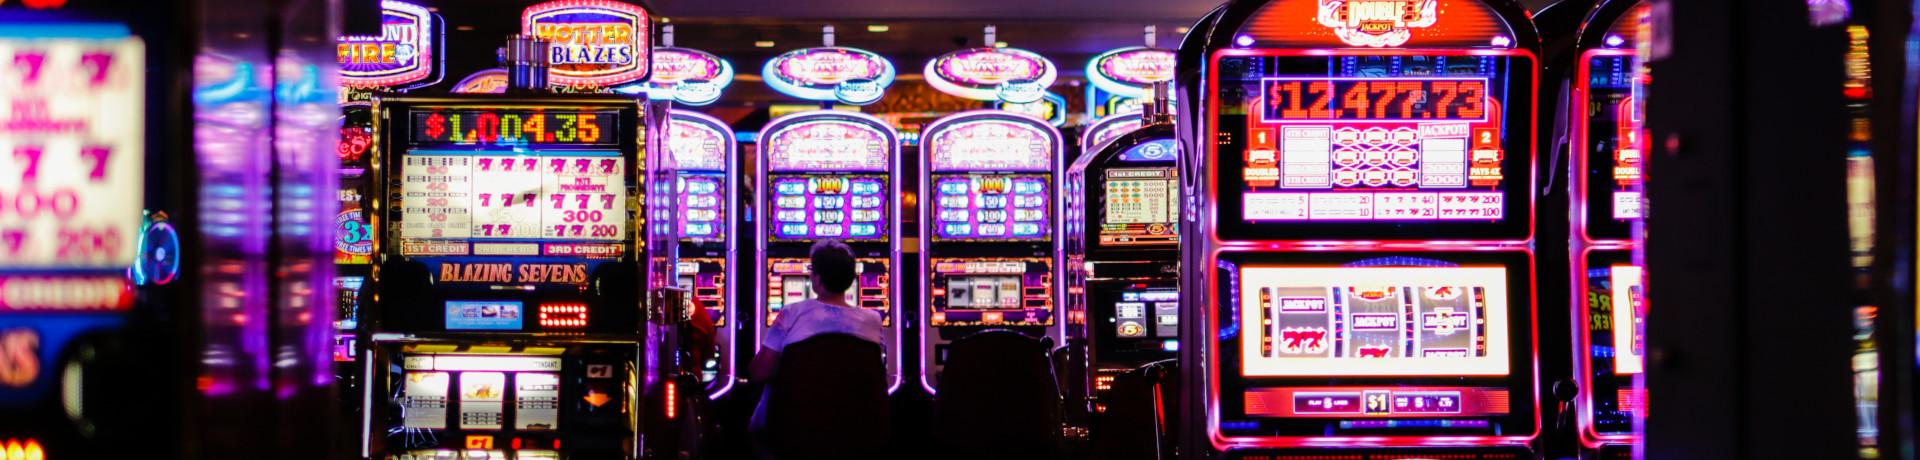 casino recruiters